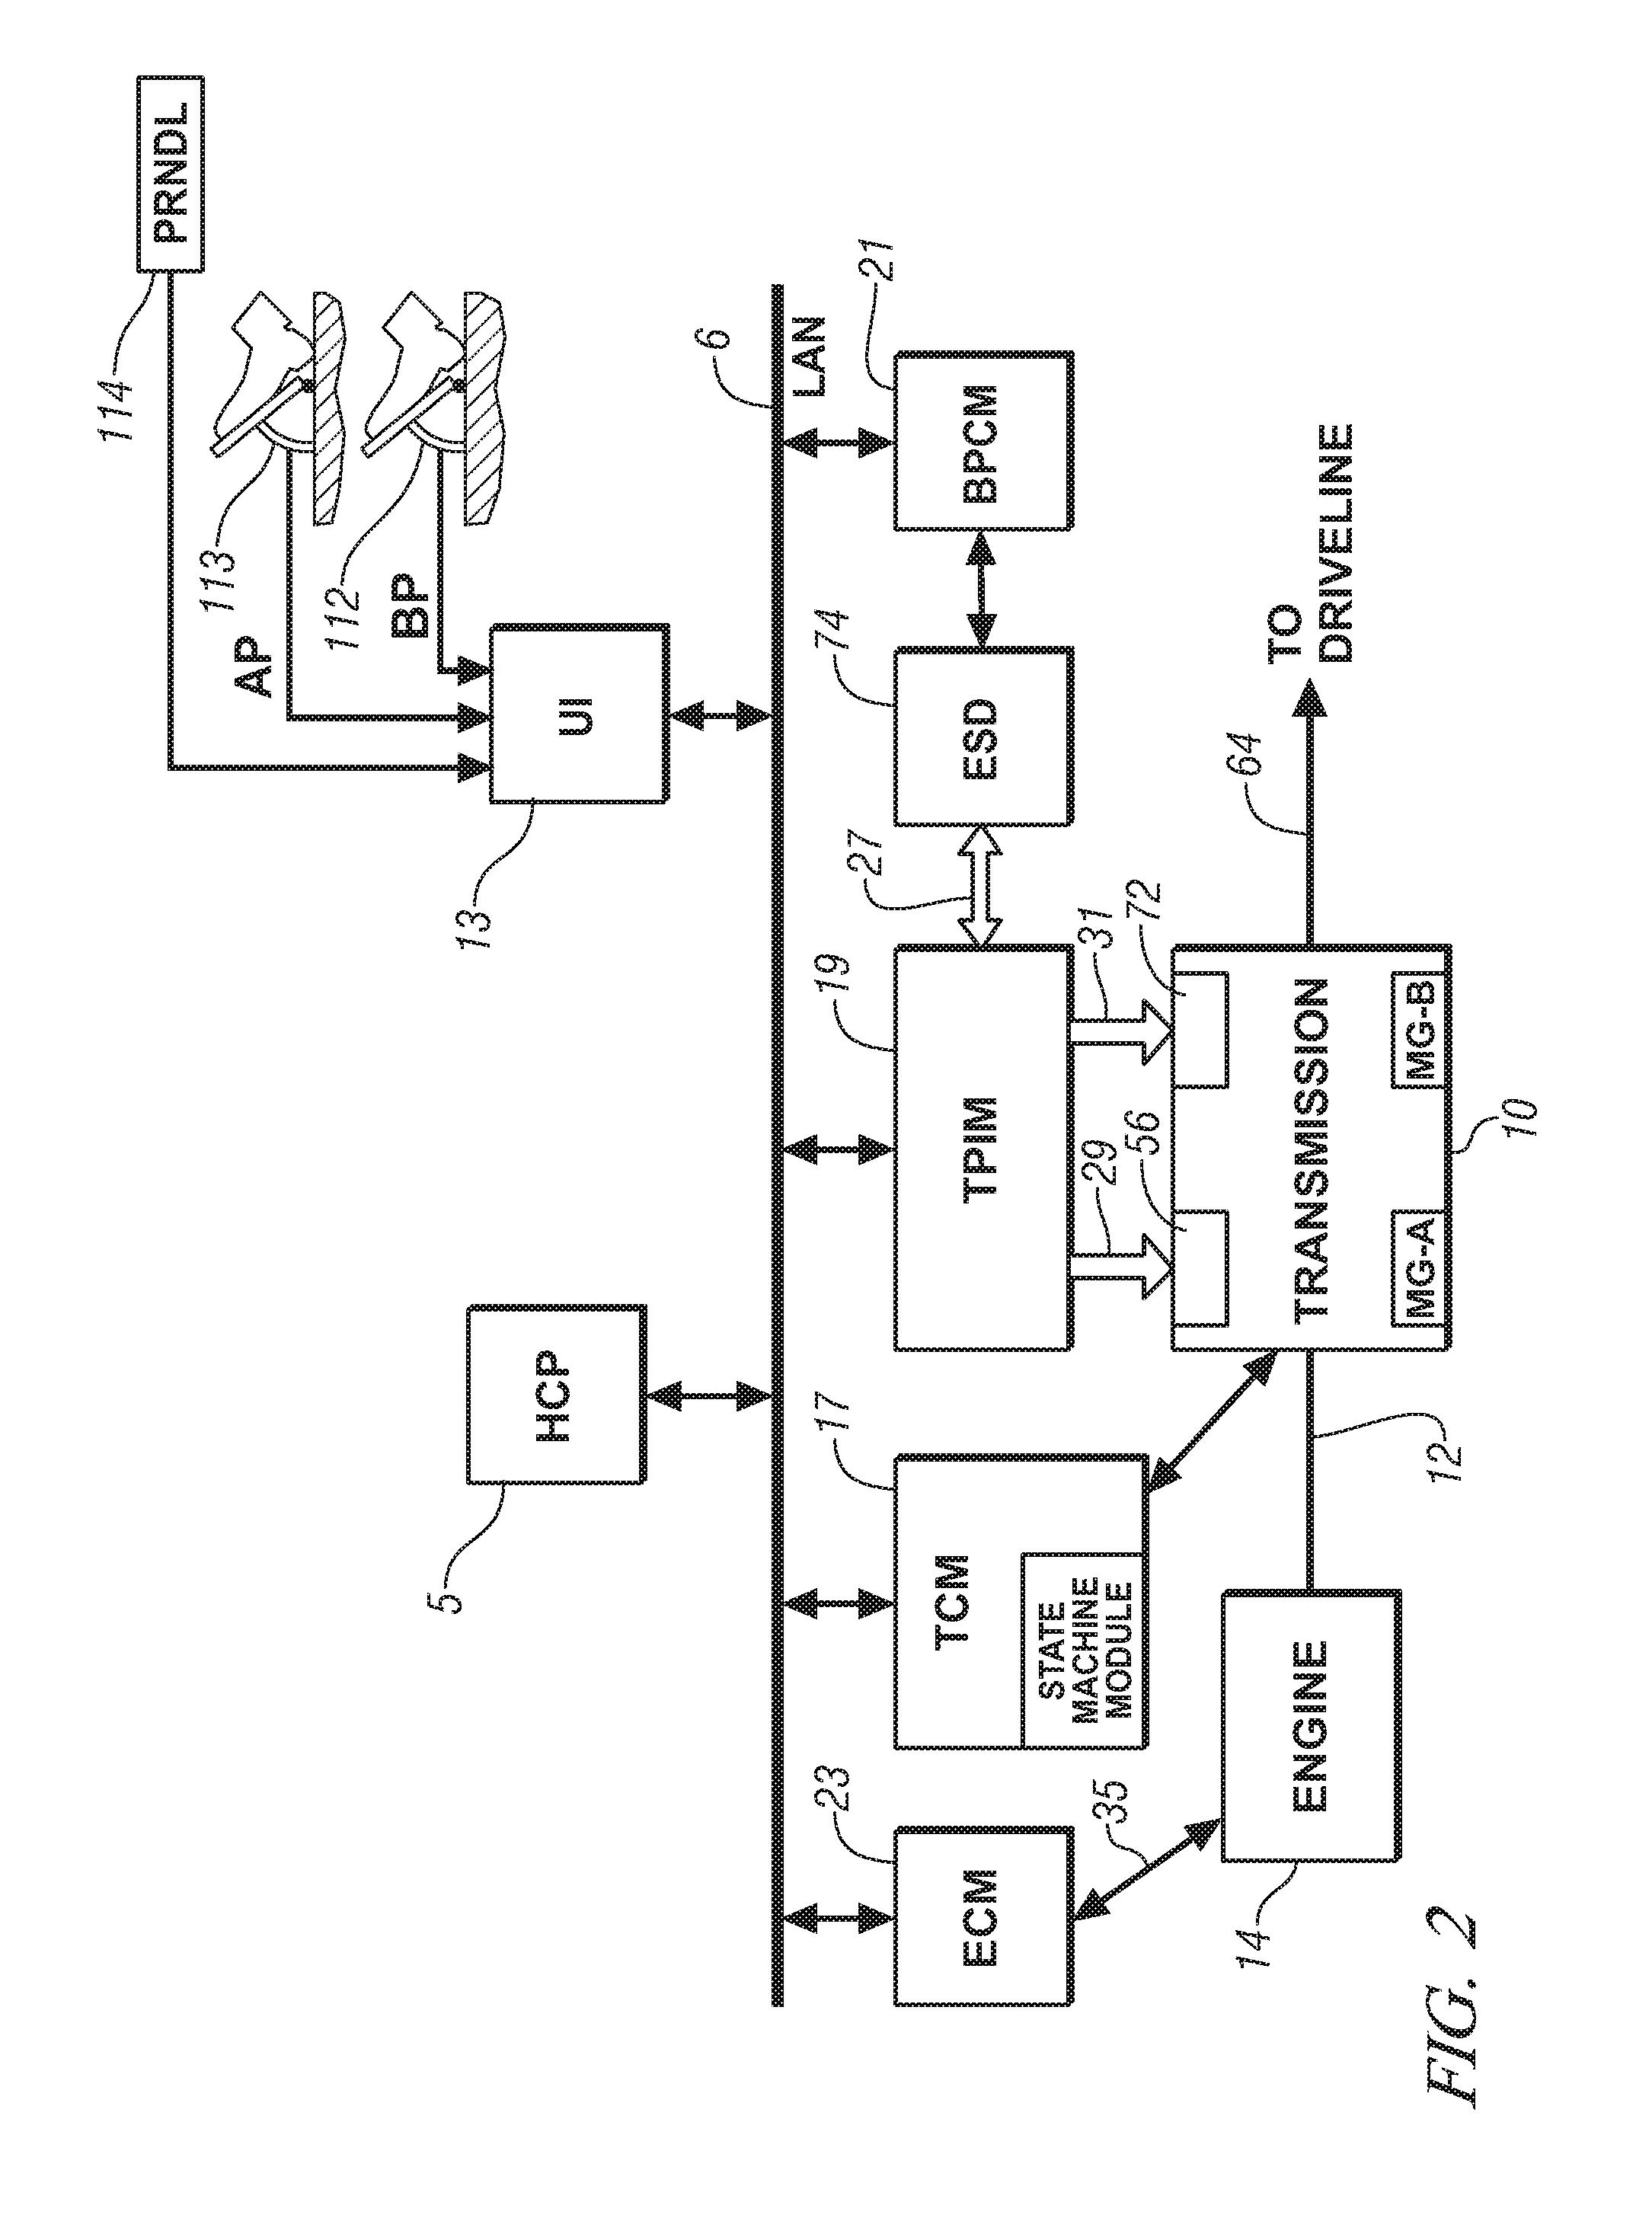 patent us8406945